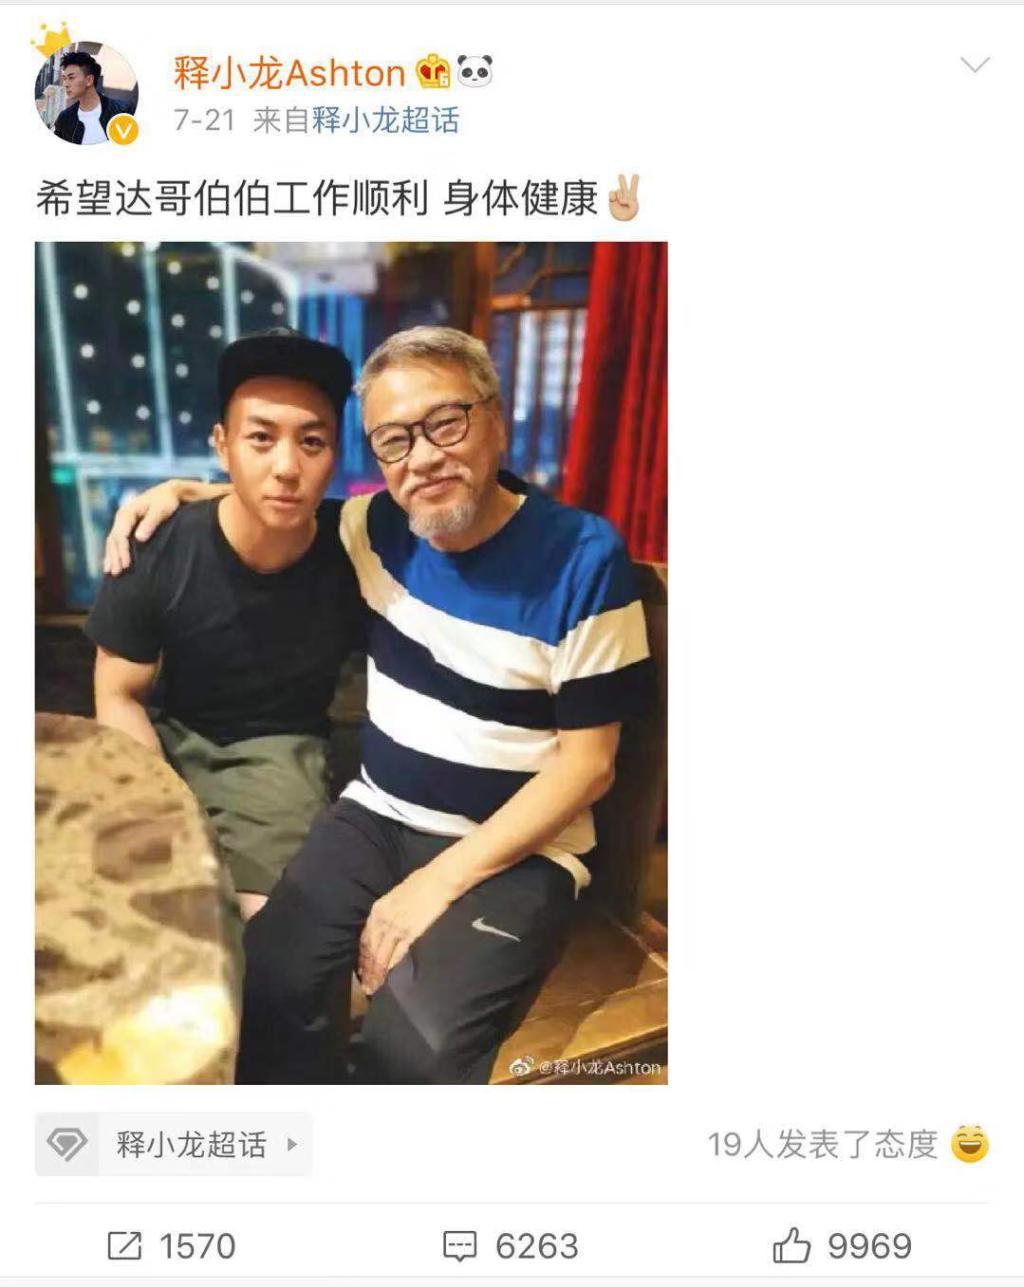 释小龙晒与吴孟达合影,66岁吴孟达满头白发身体状况令人担忧!